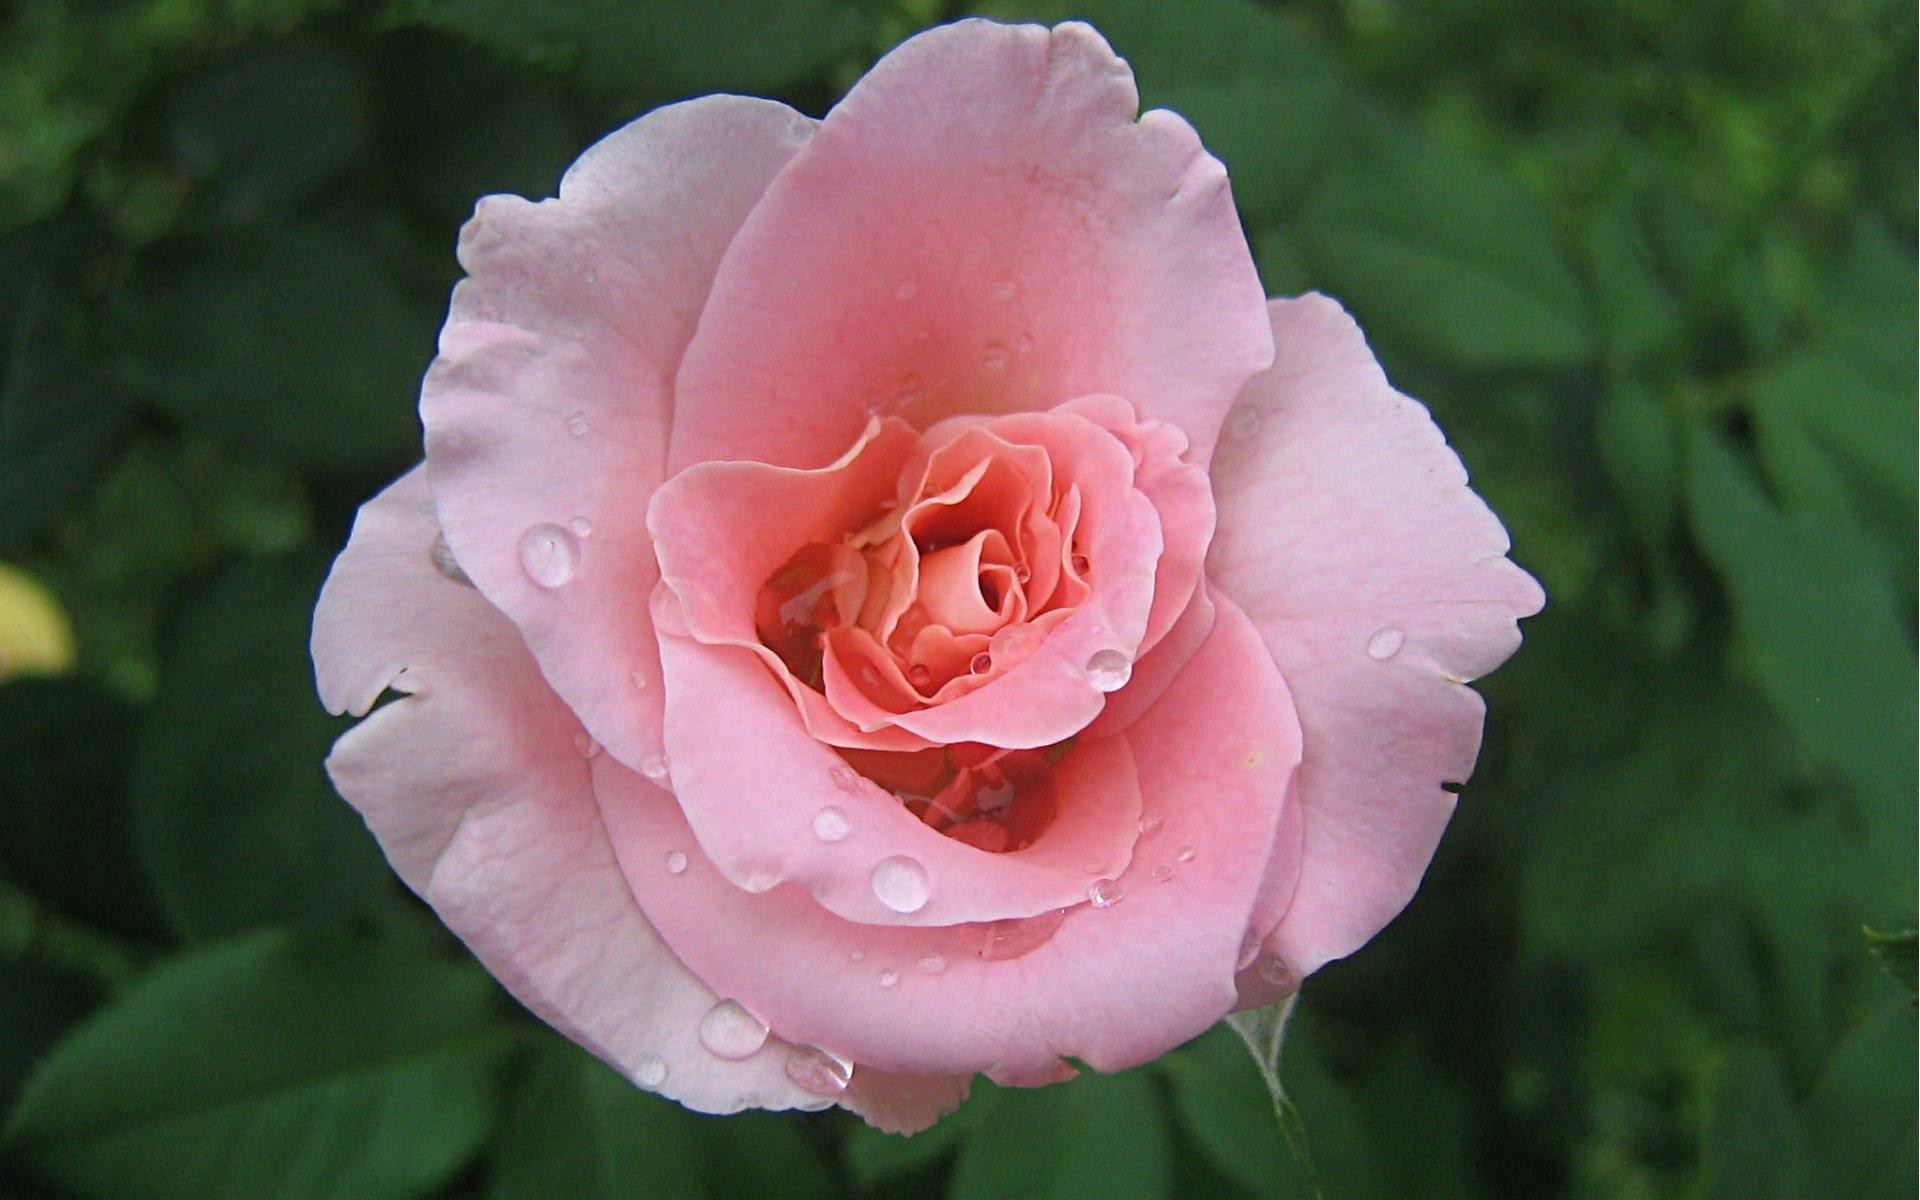 pink rose wallpaper 2996jpg 1920x1200